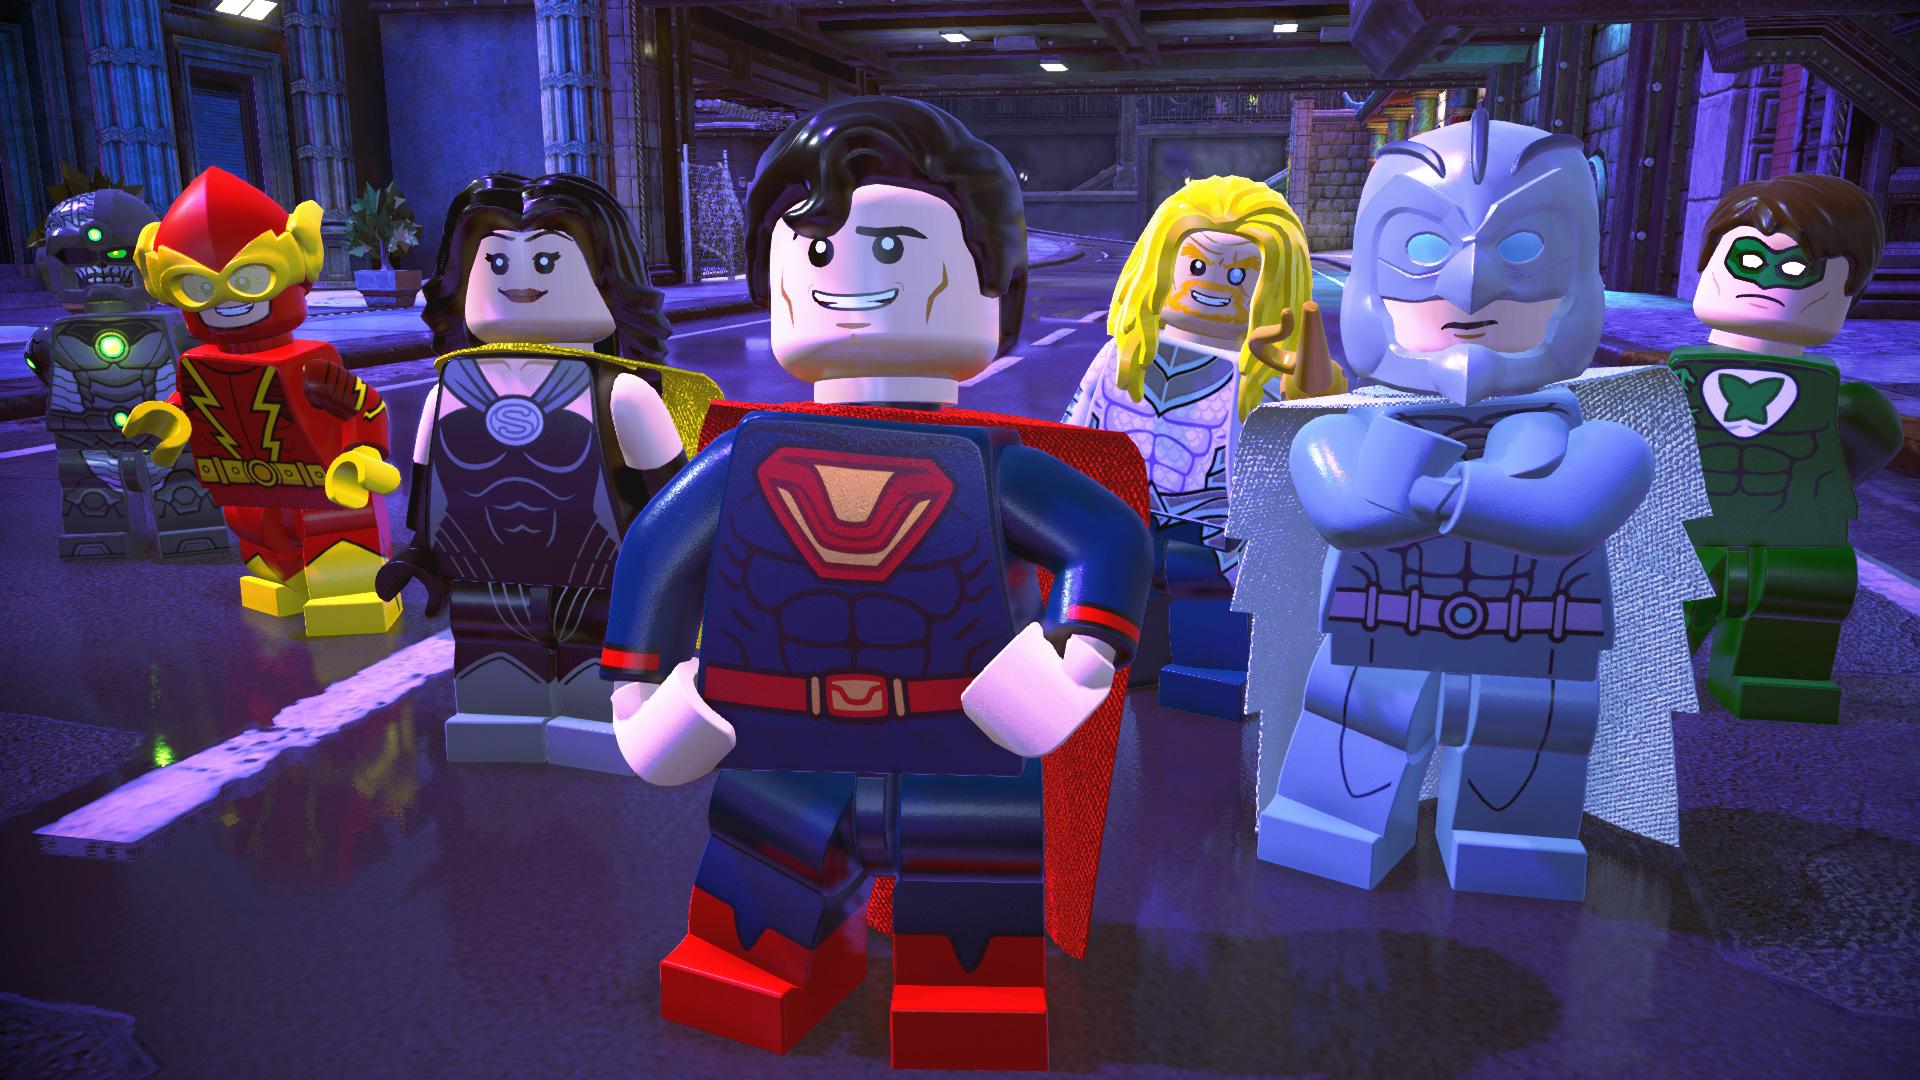 تحميل لعبة lego batman 2 للاندرويد